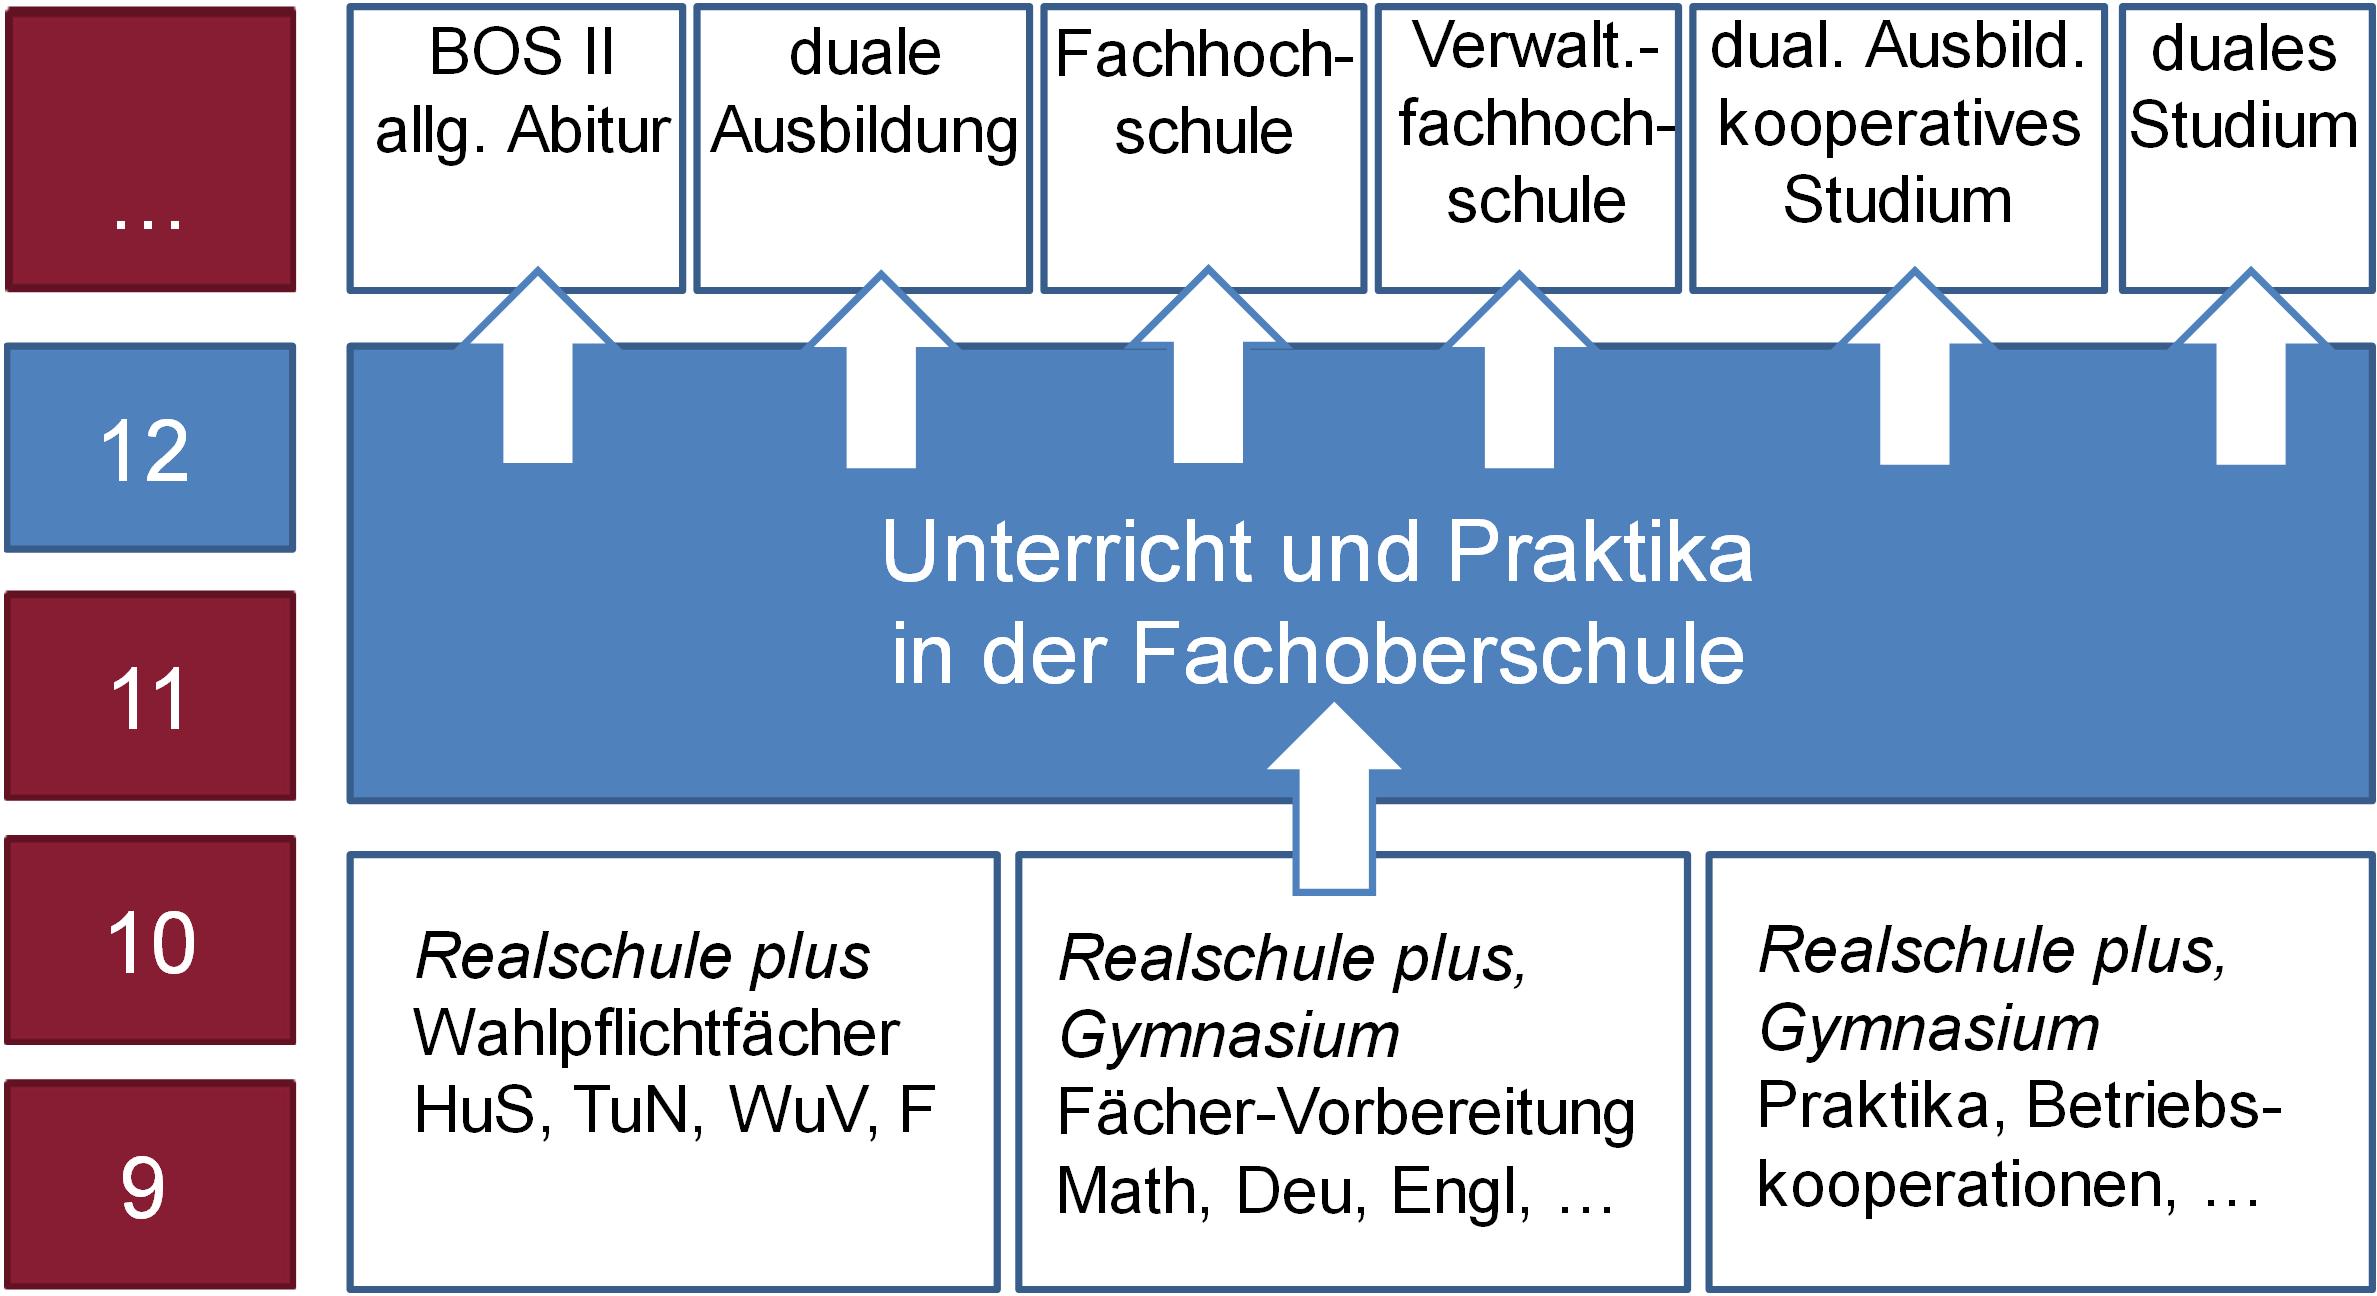 Ernst-Barlach-Realschule Plus Höhr-Grenzhausen ganzes Kann Man Nach Der Realschule Abitur Machen